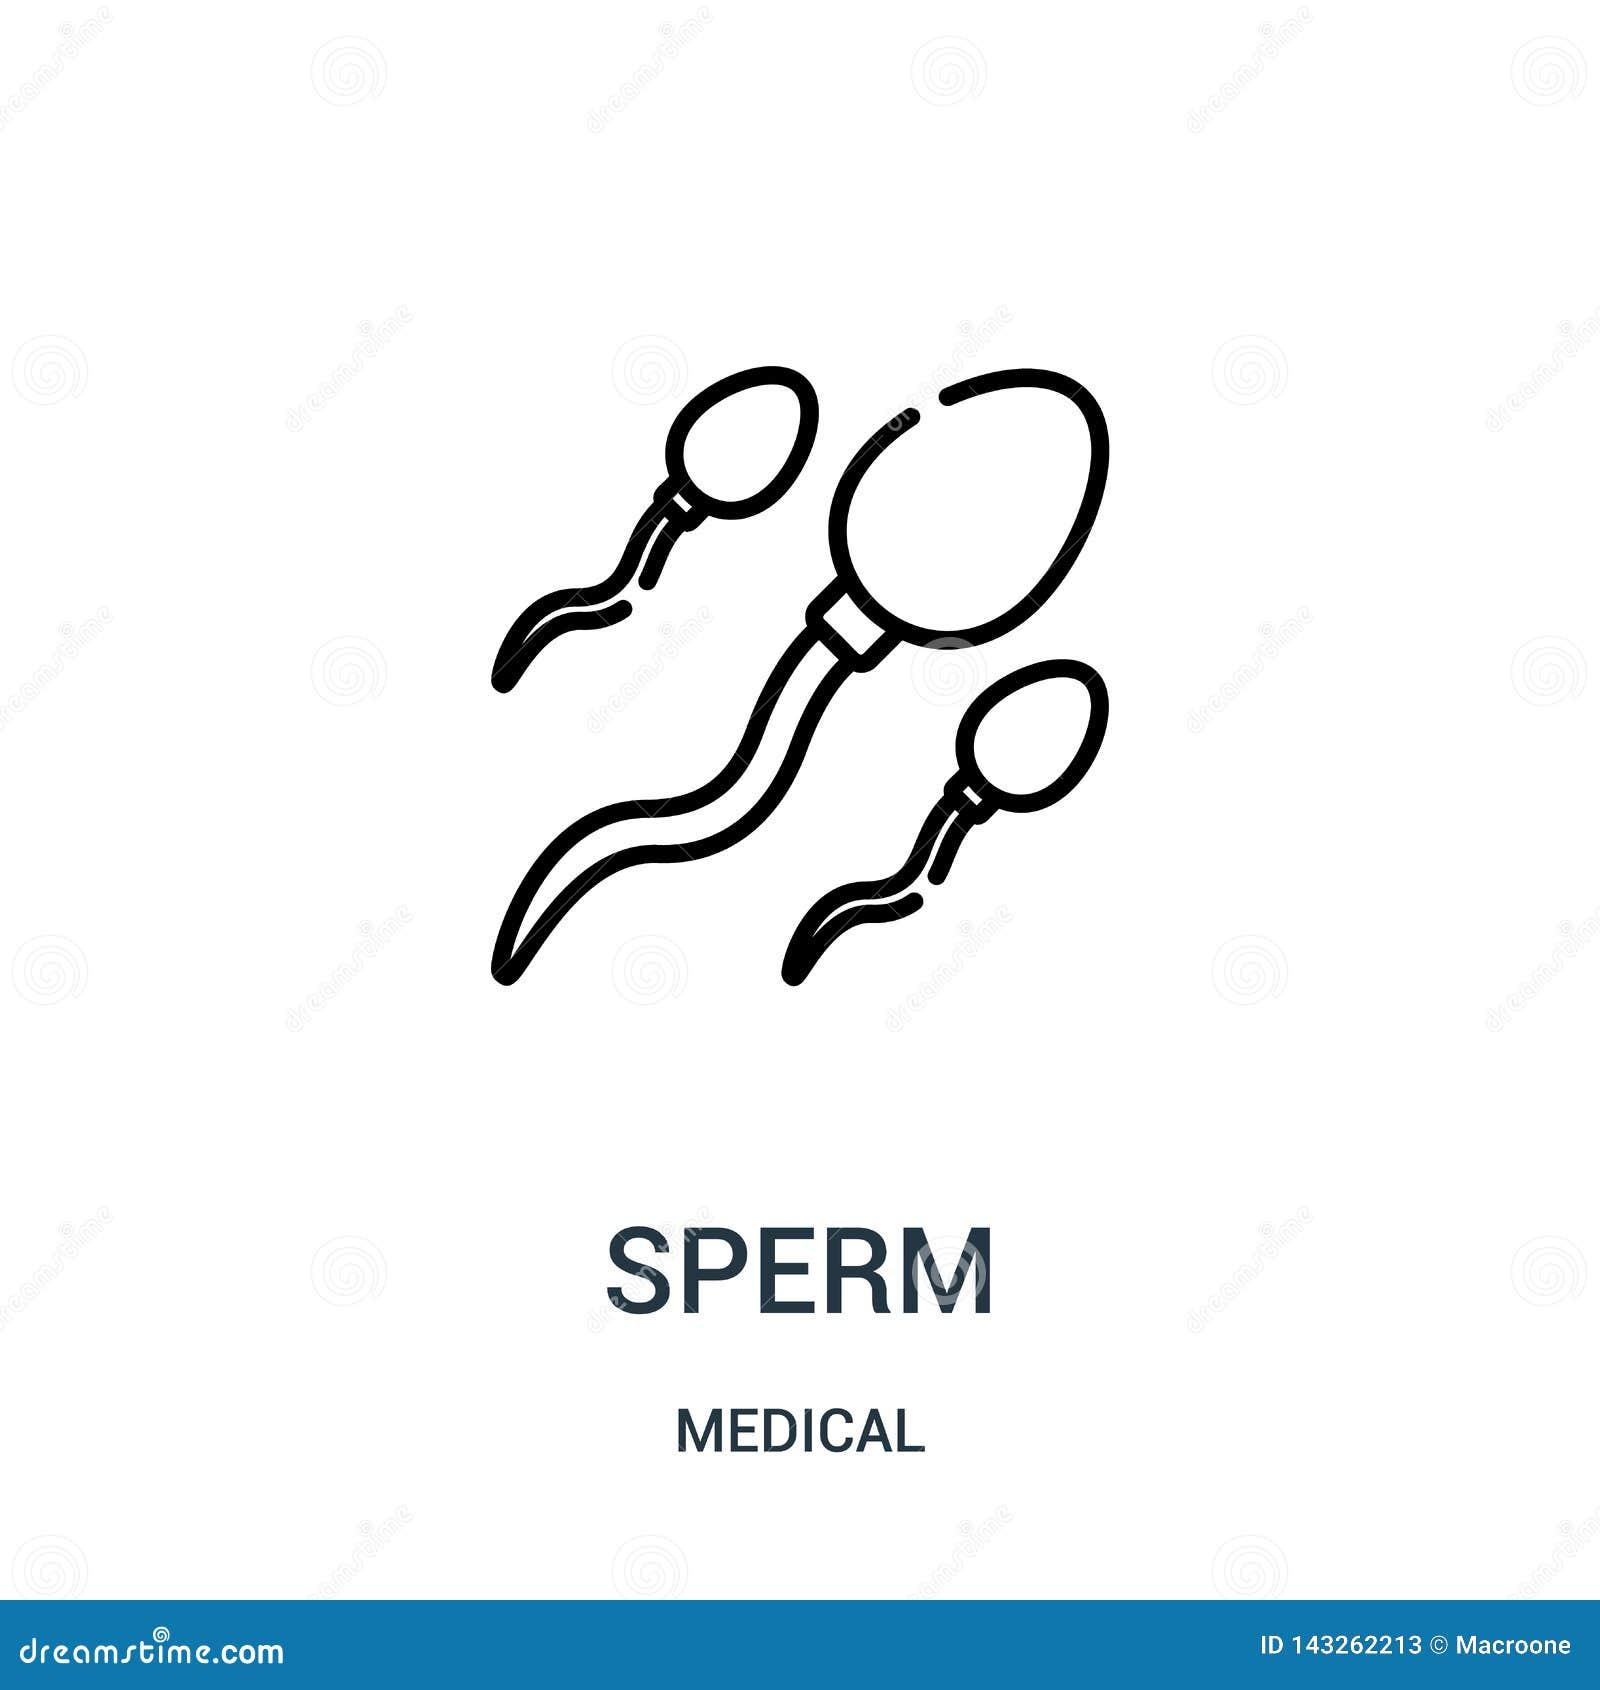 Ползы сперми